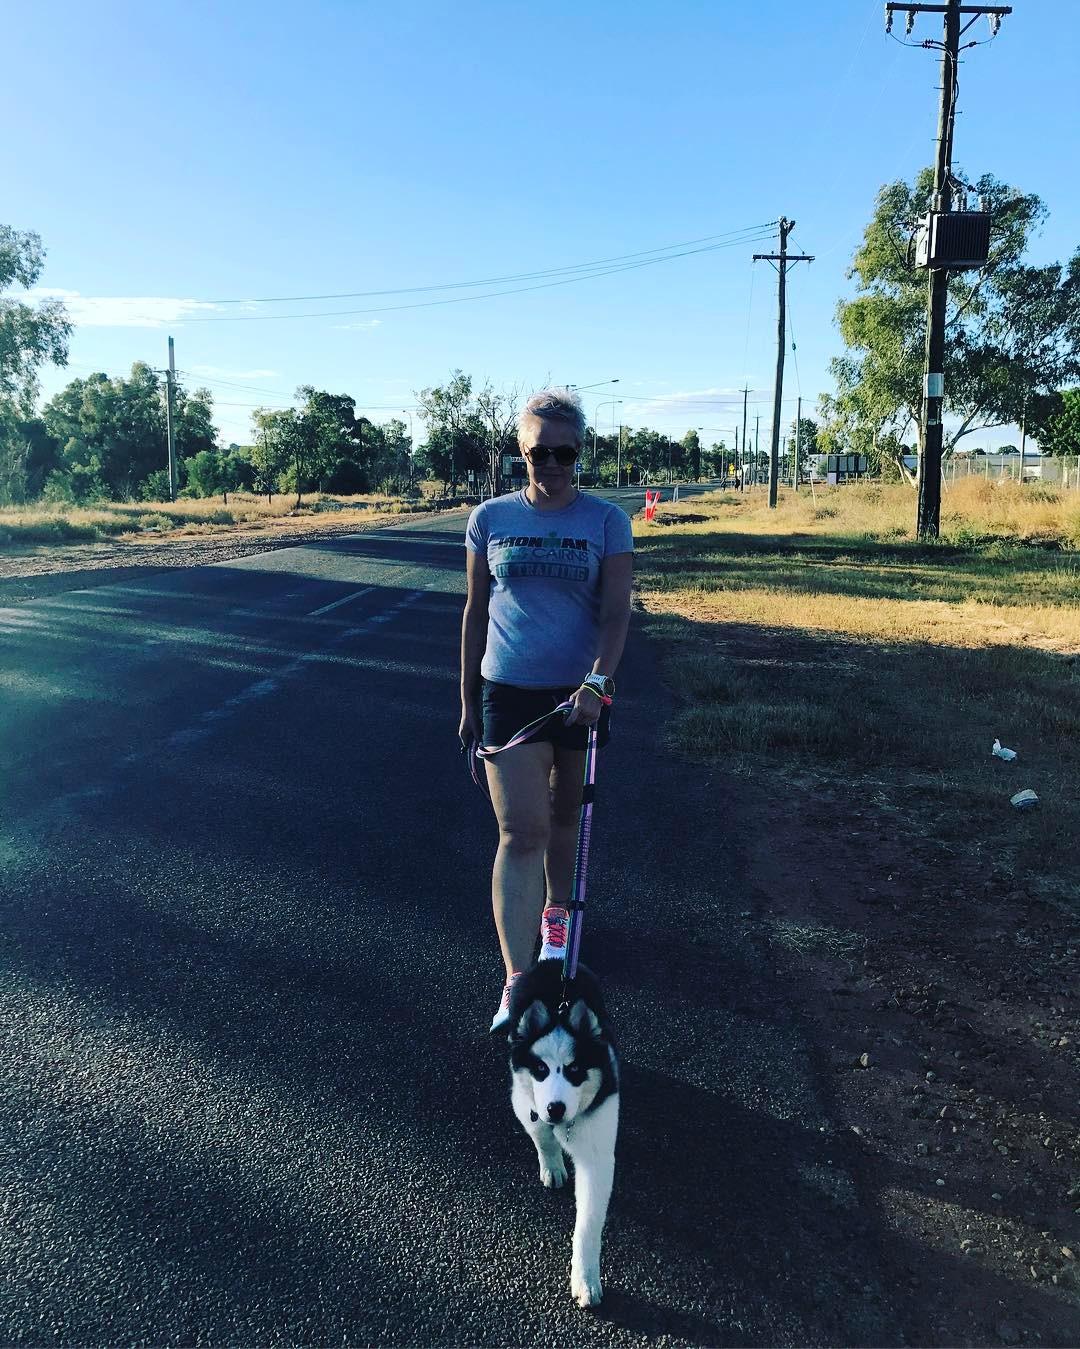 Австралийка сбросила 115 кг благодаря триатлону